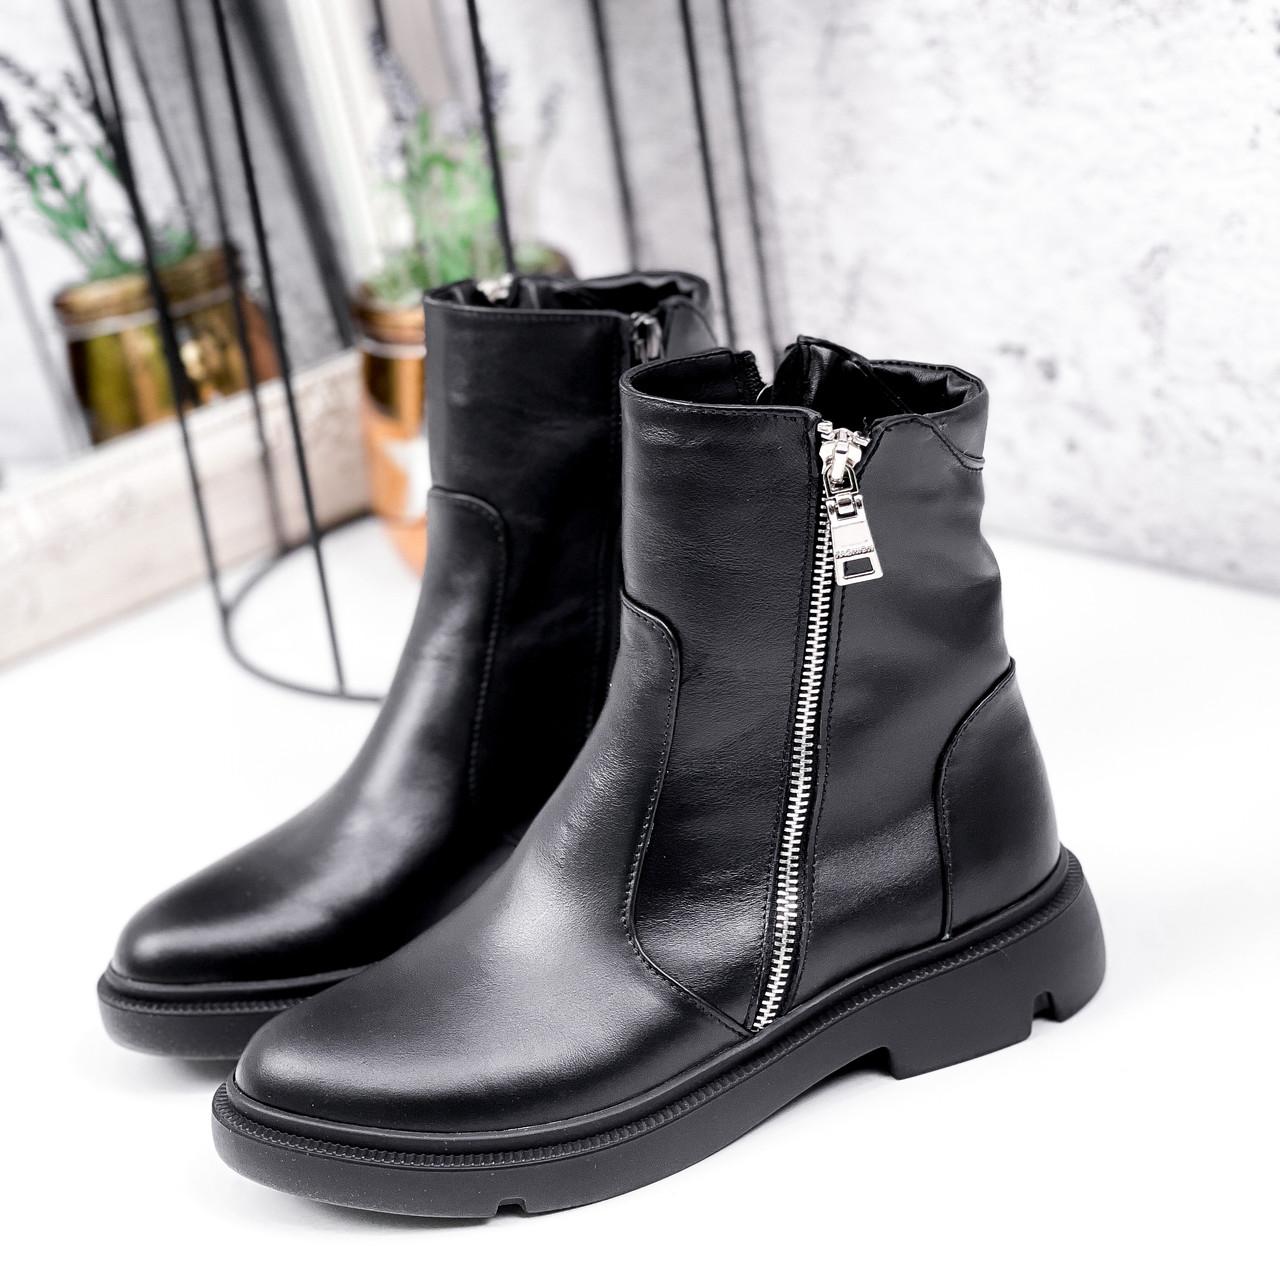 Ботинки женские Iolit черные 2969